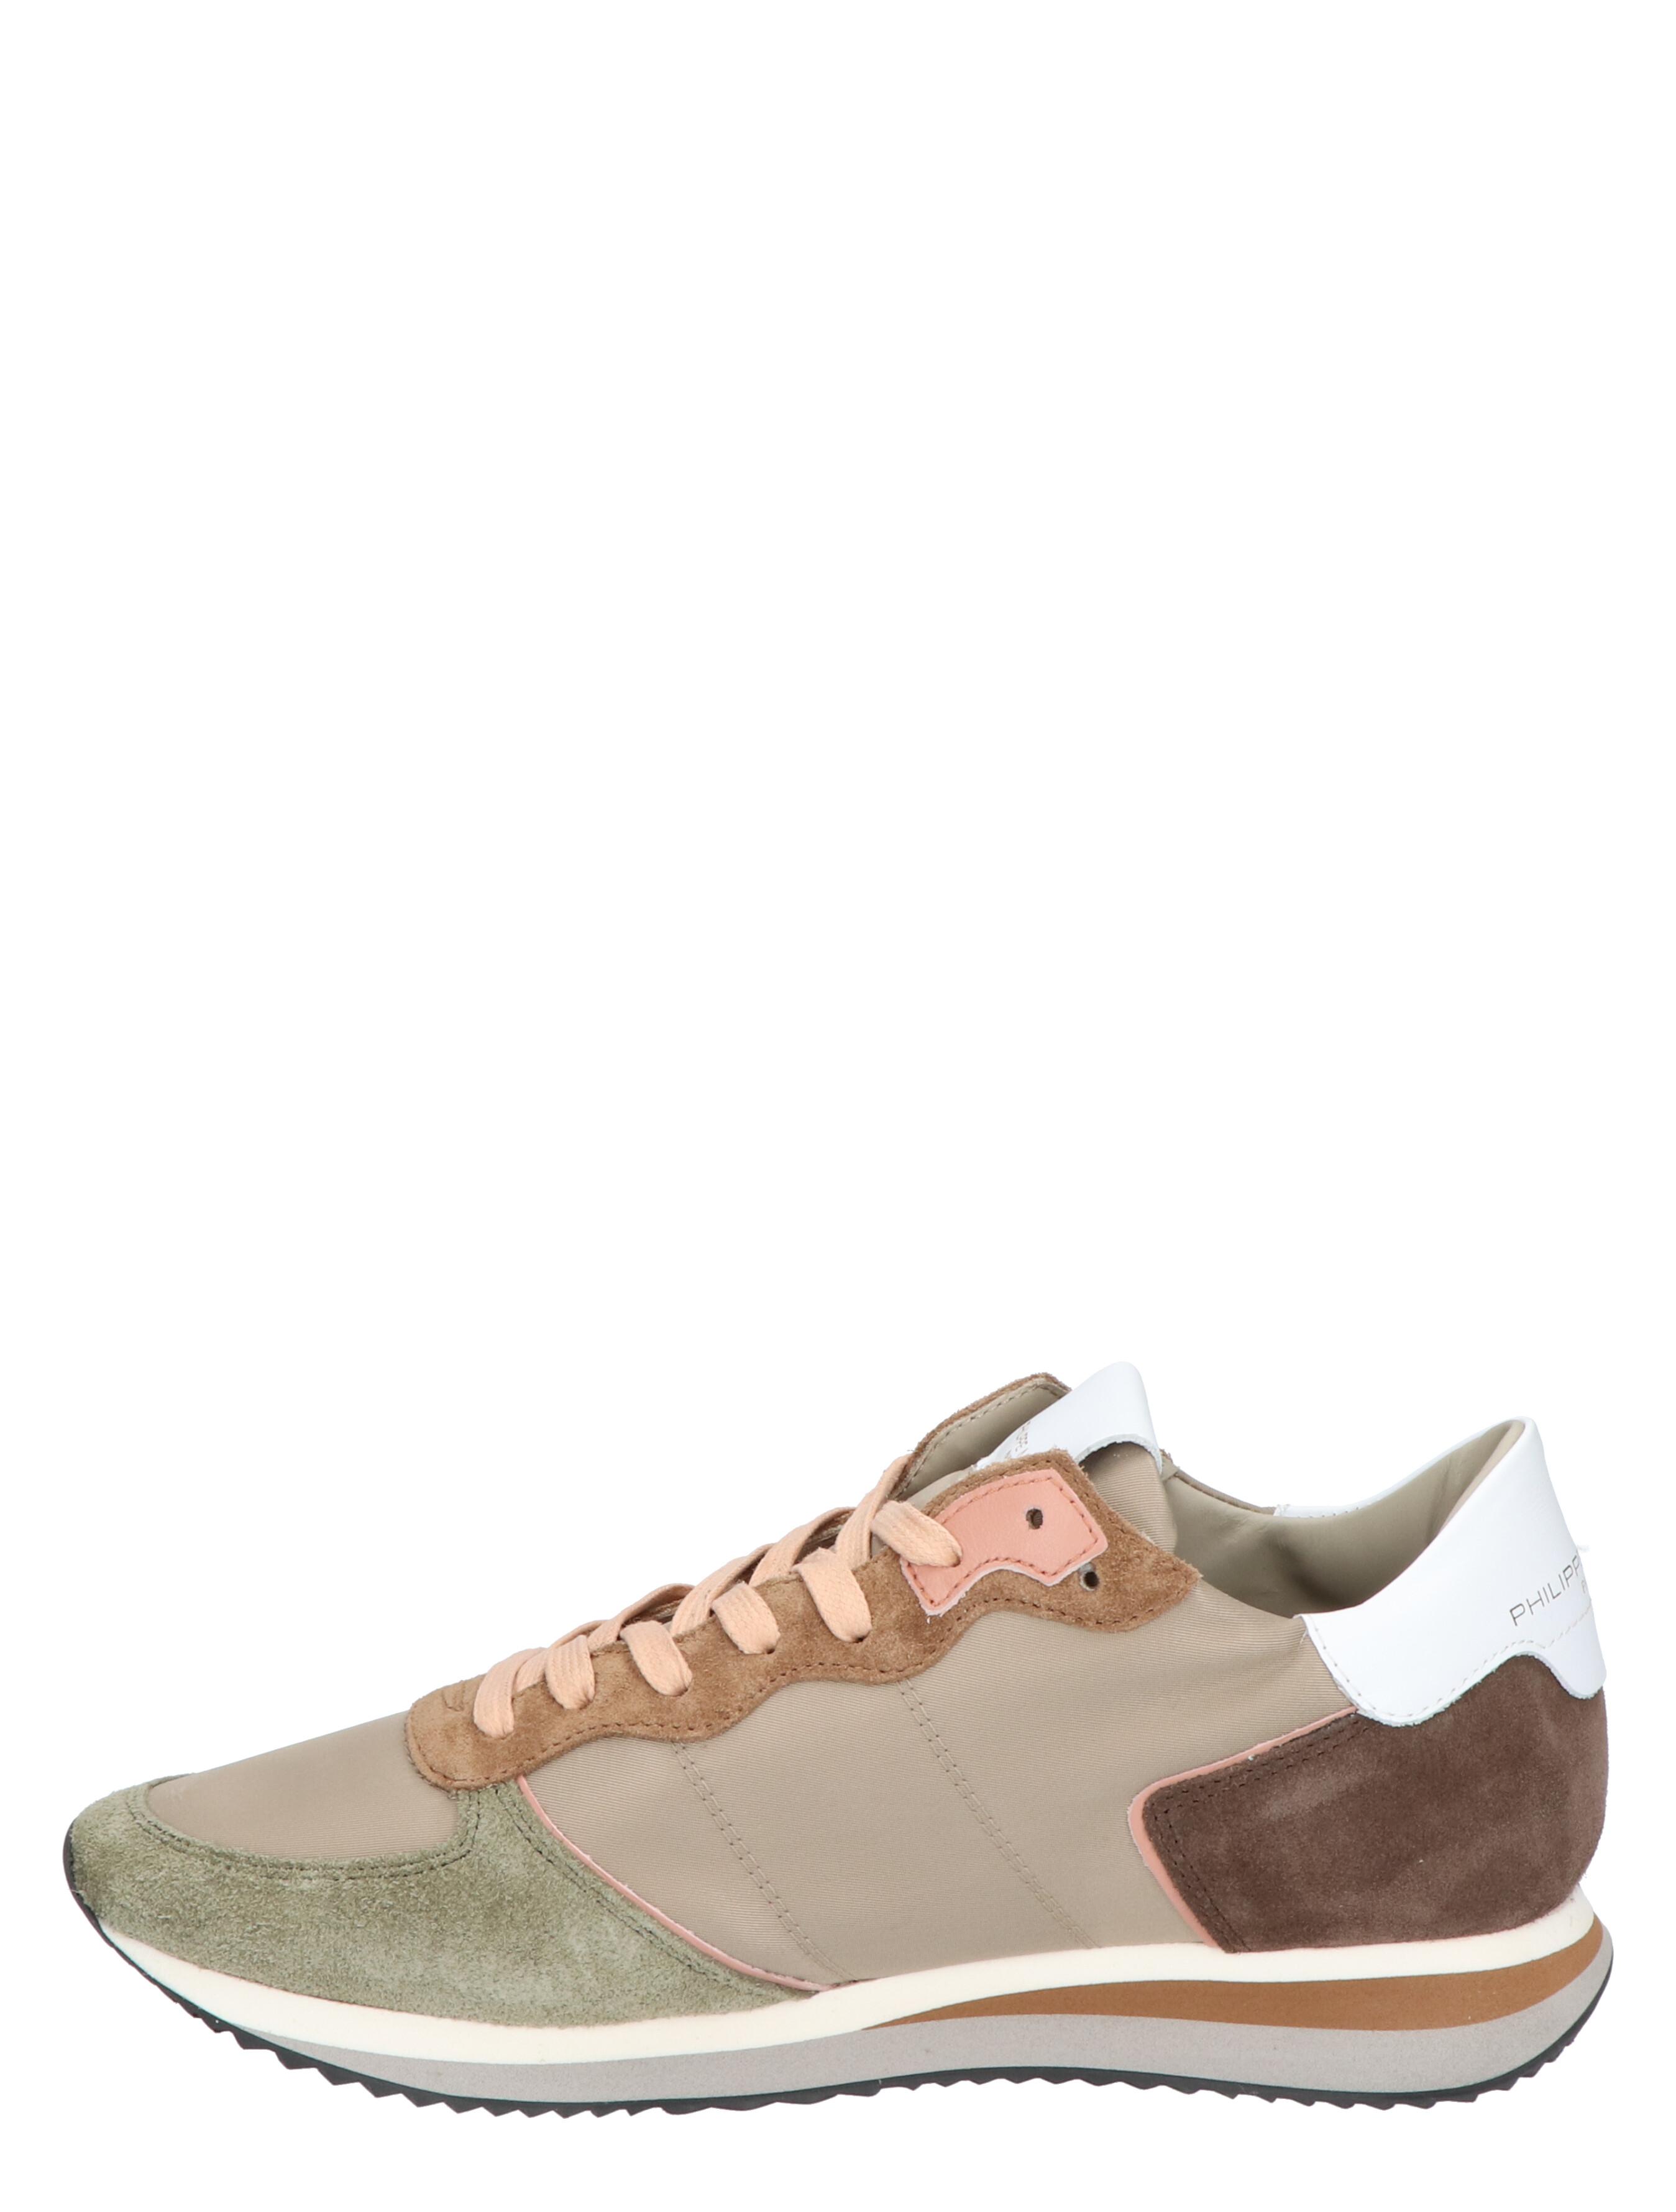 Philippe Model TRPX Low Women Beige Vert Sneakers